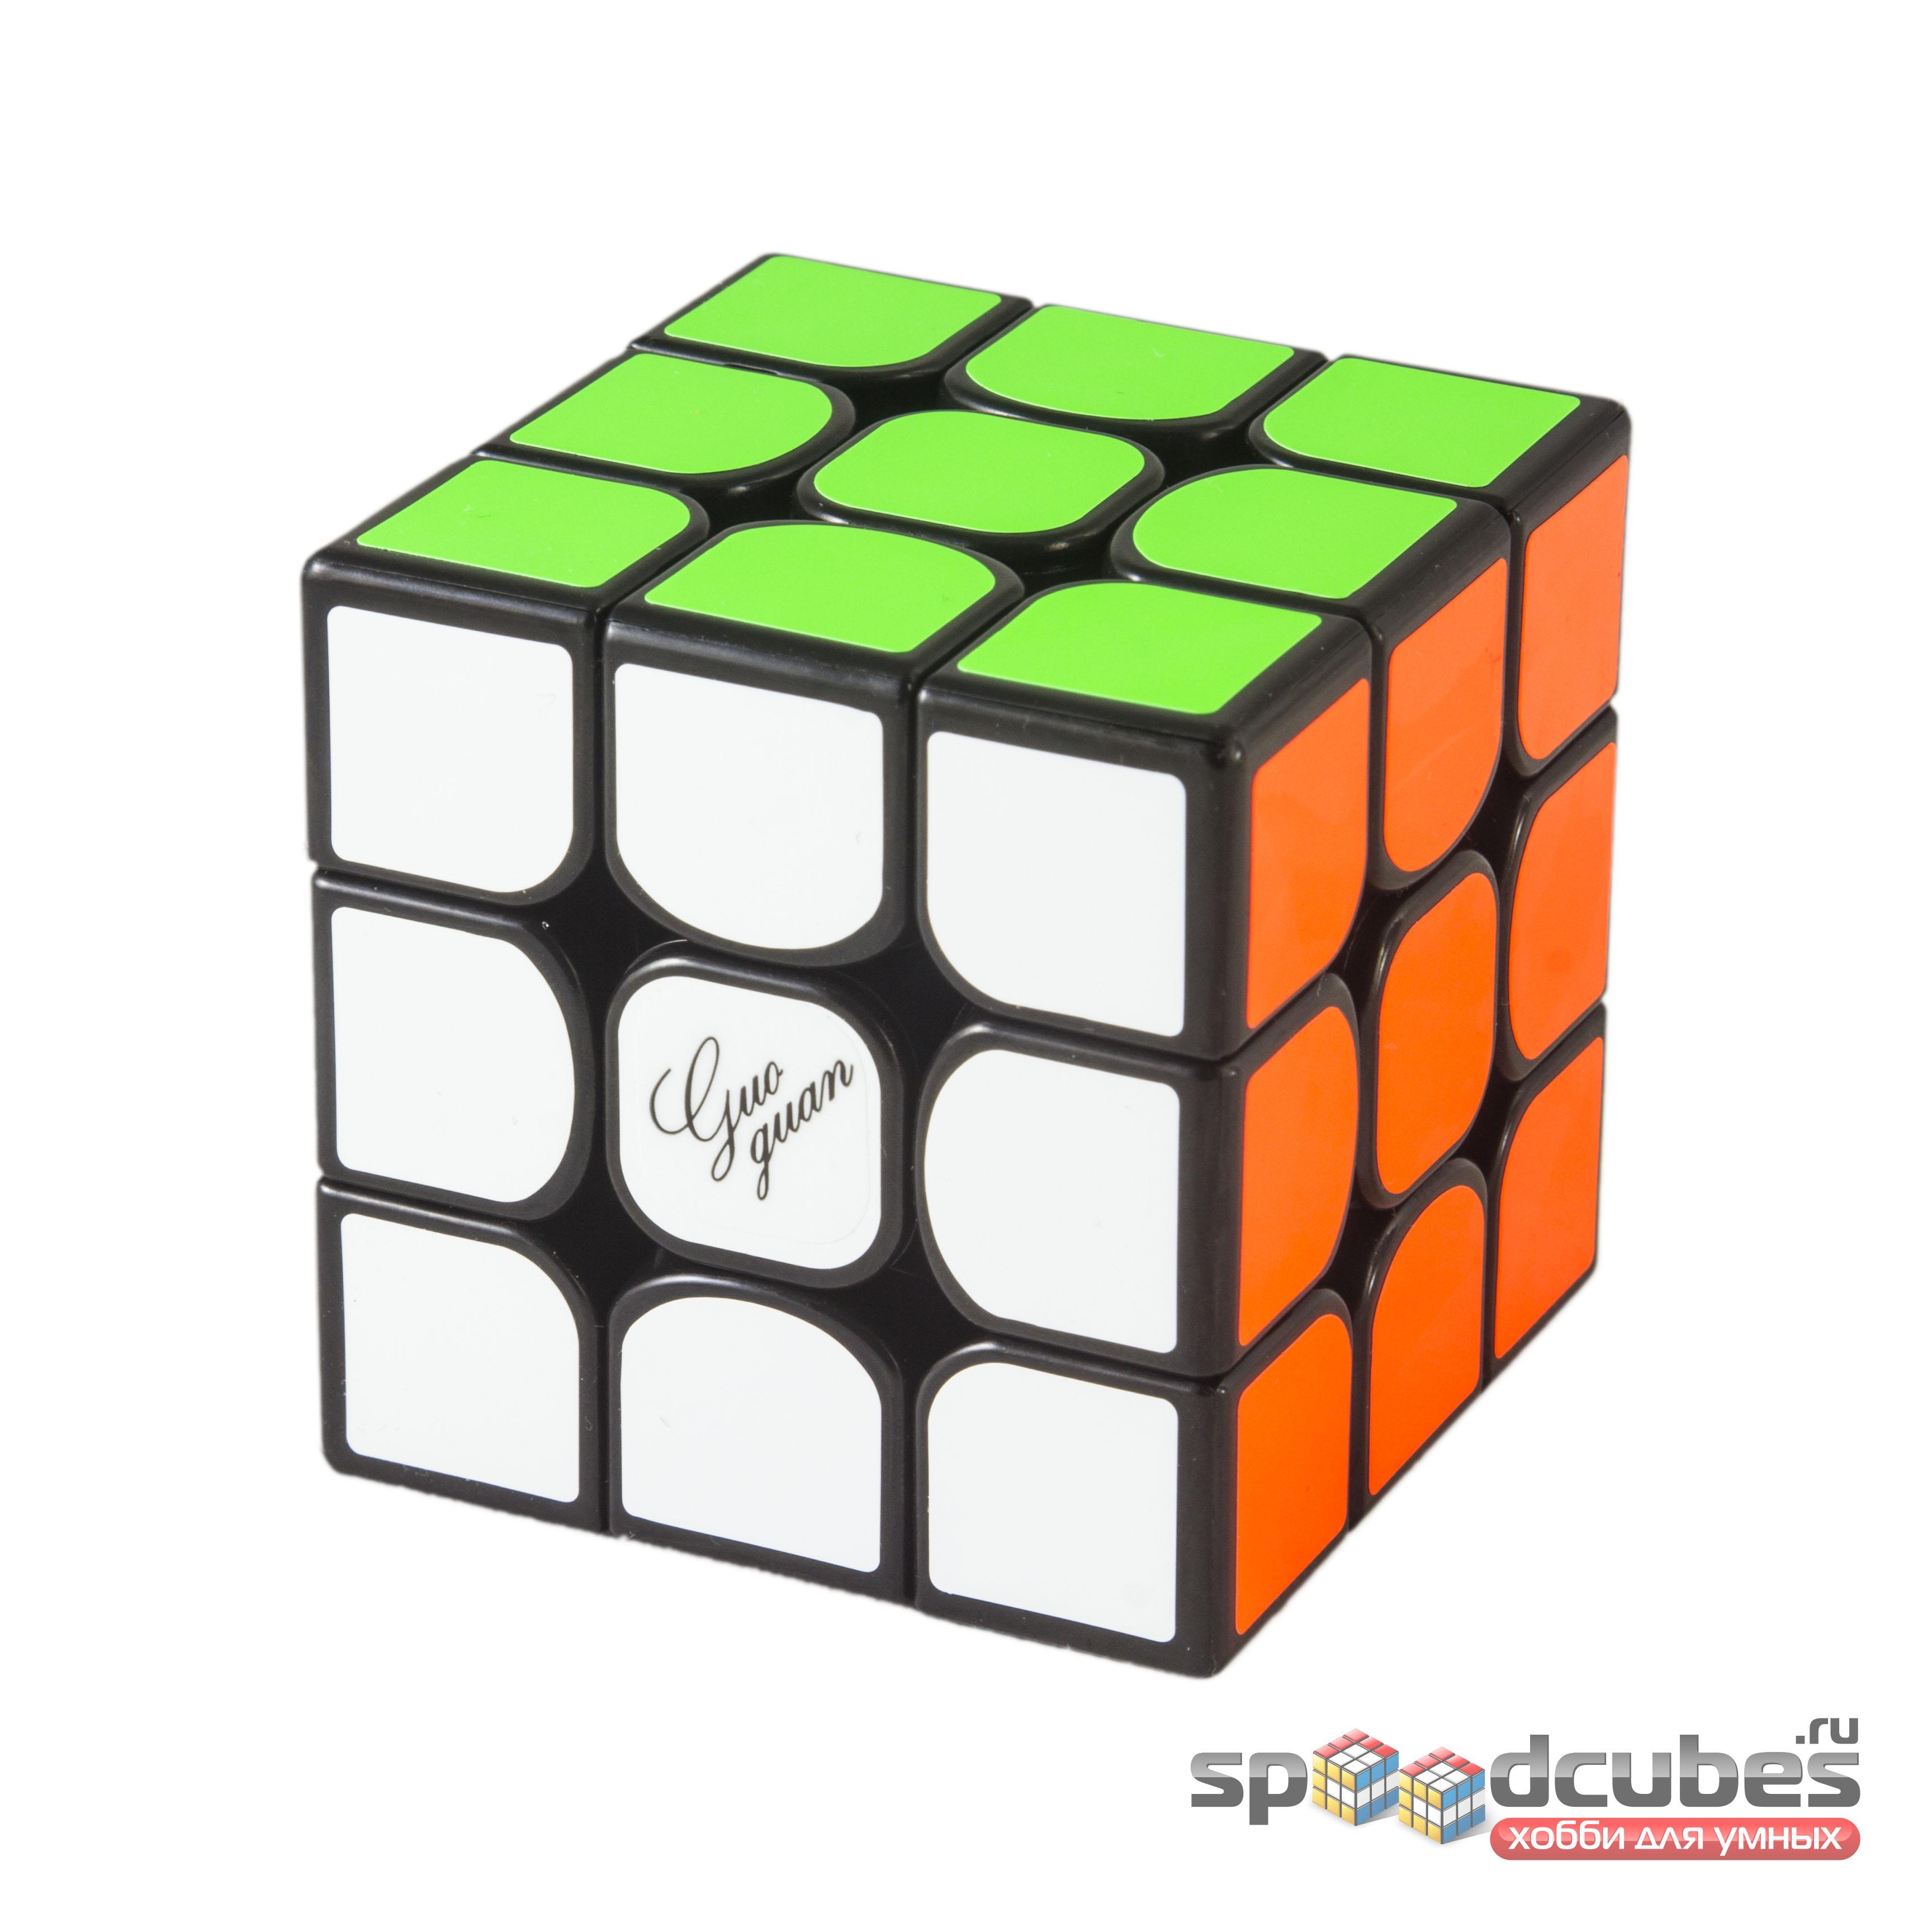 MoYu 3x3x3 Guoguan Yuexiao Pro